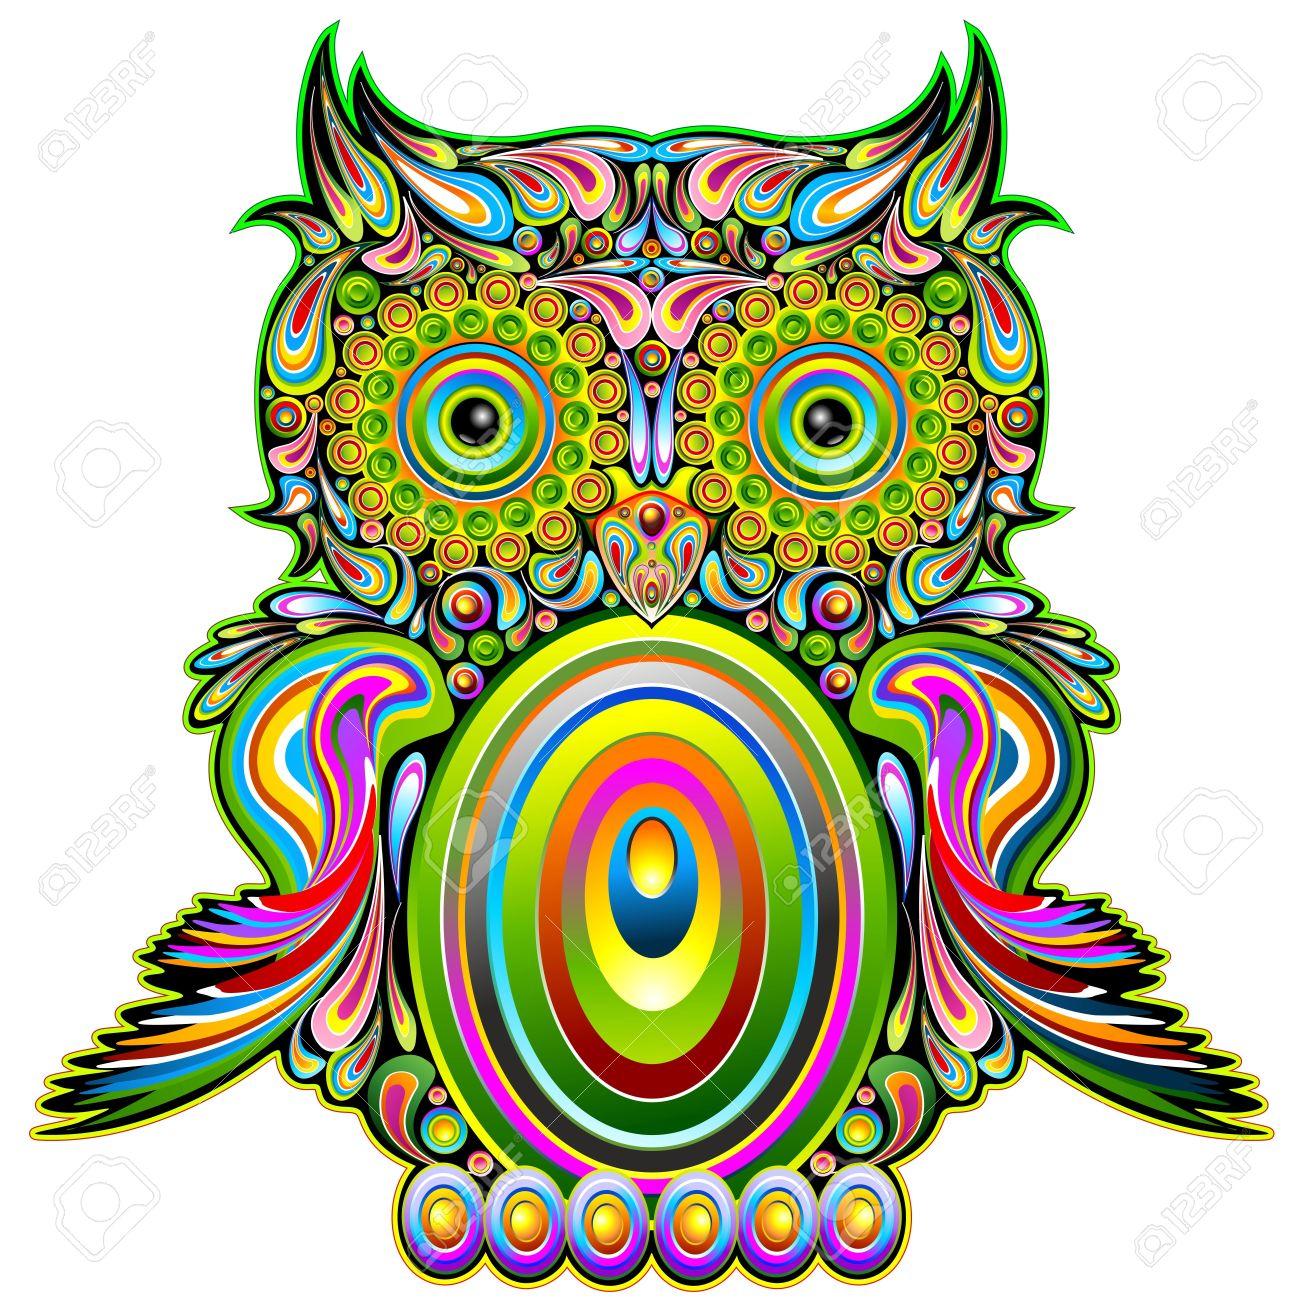 Owl Psychedelic Art Design Stock Vector - 17045265